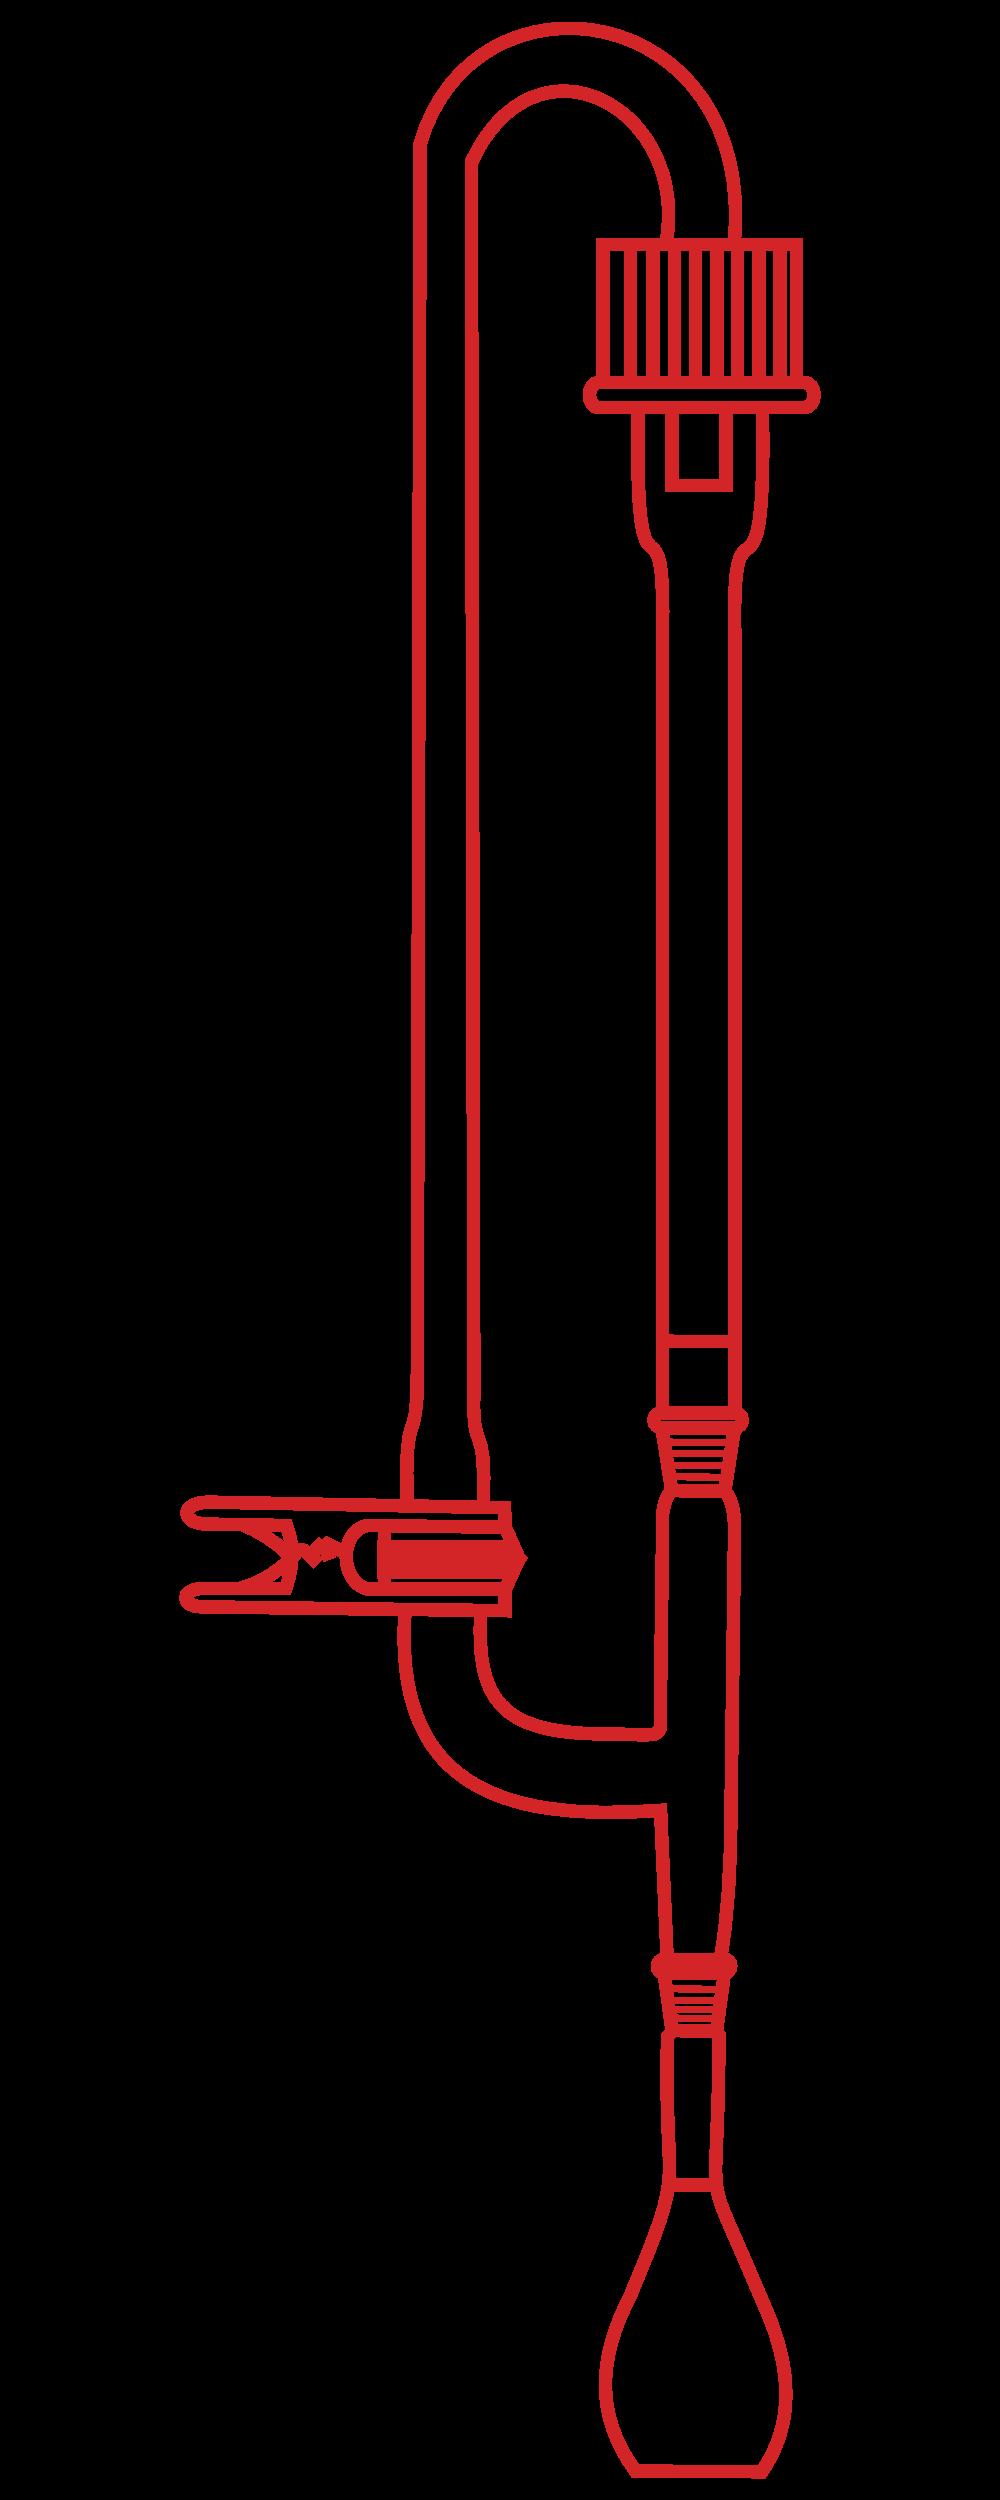 5. Winzer Laborglastechnik - Apparate zur Bestimmung der Kohlenwasserstoffe